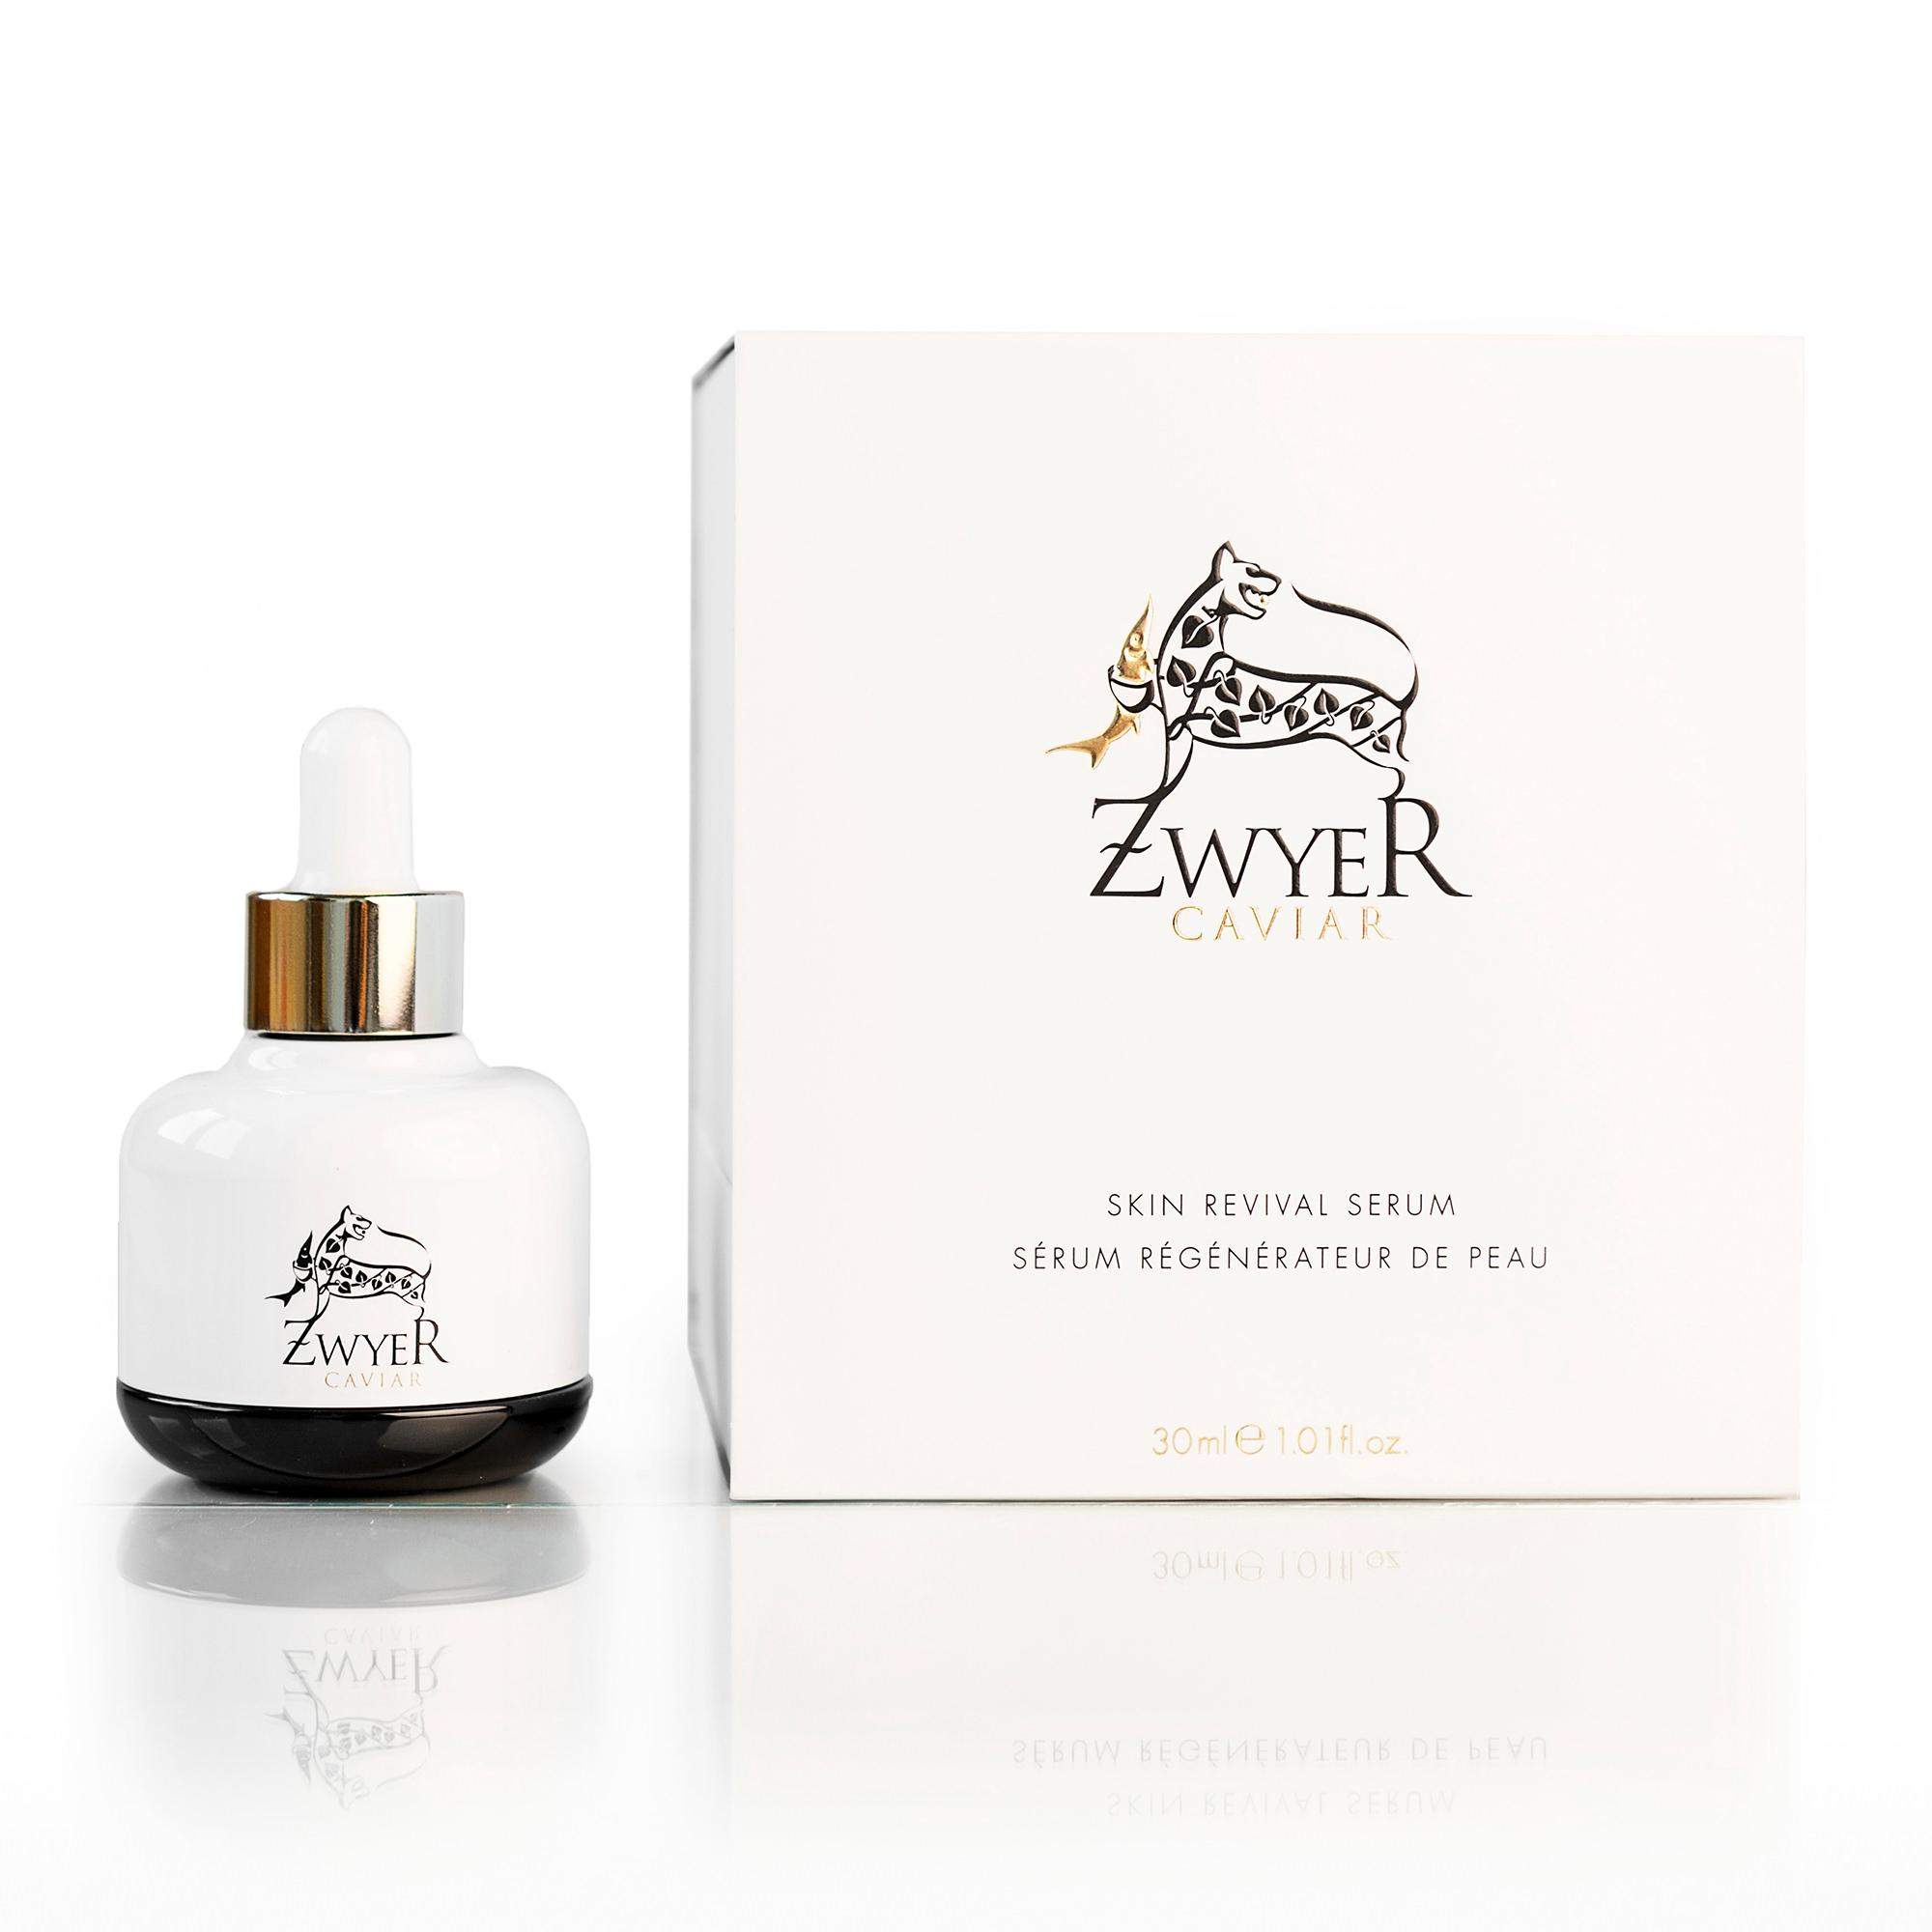 Skin Revival Serum